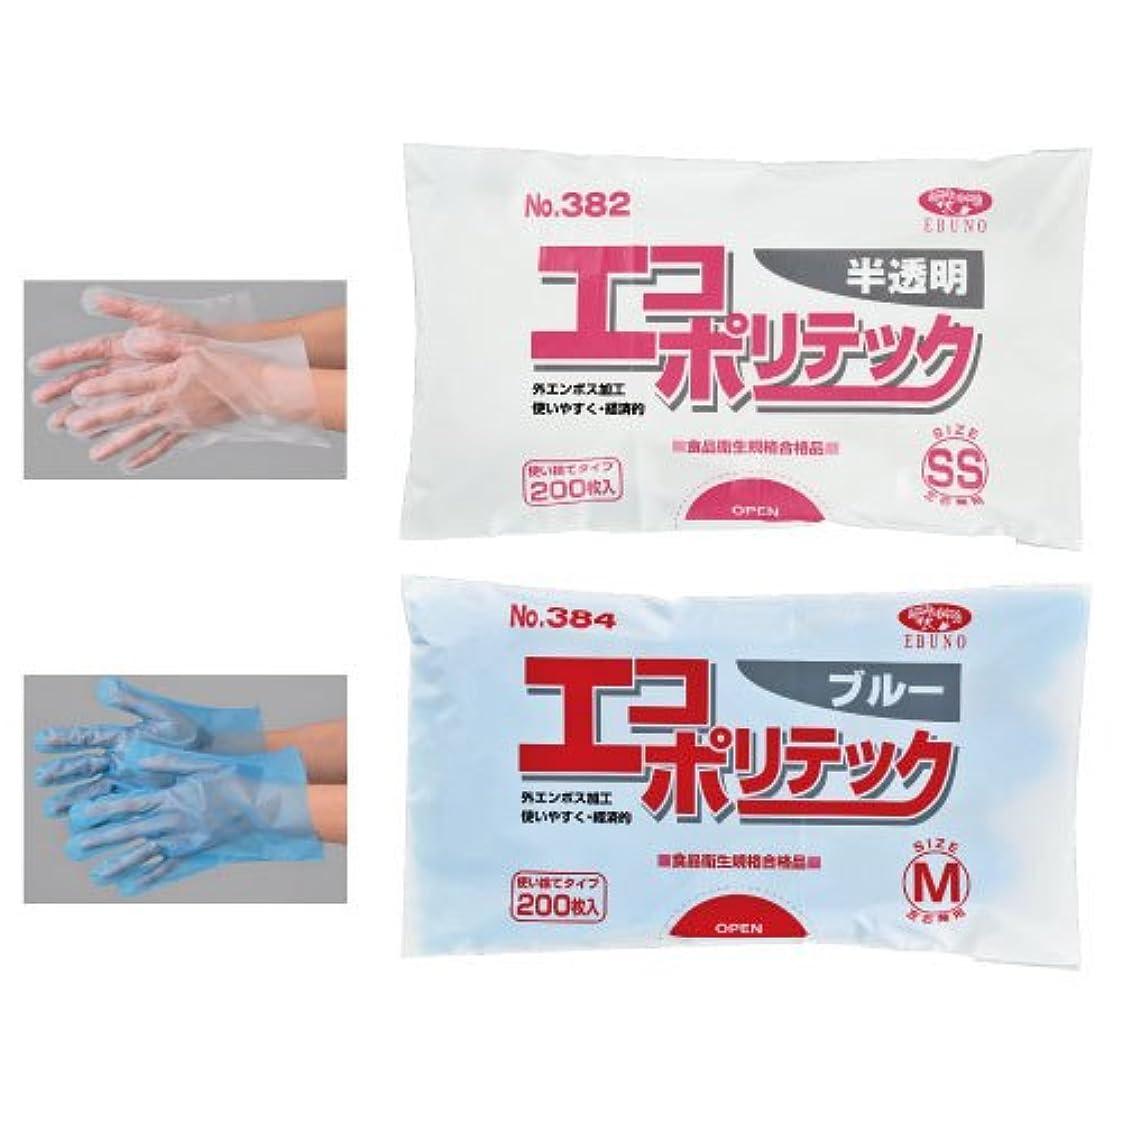 馬鹿げた考えジョブエブノ ポリエチレン手袋 No.382 SS 半透明 (200枚×30袋) エコポリテック 袋入